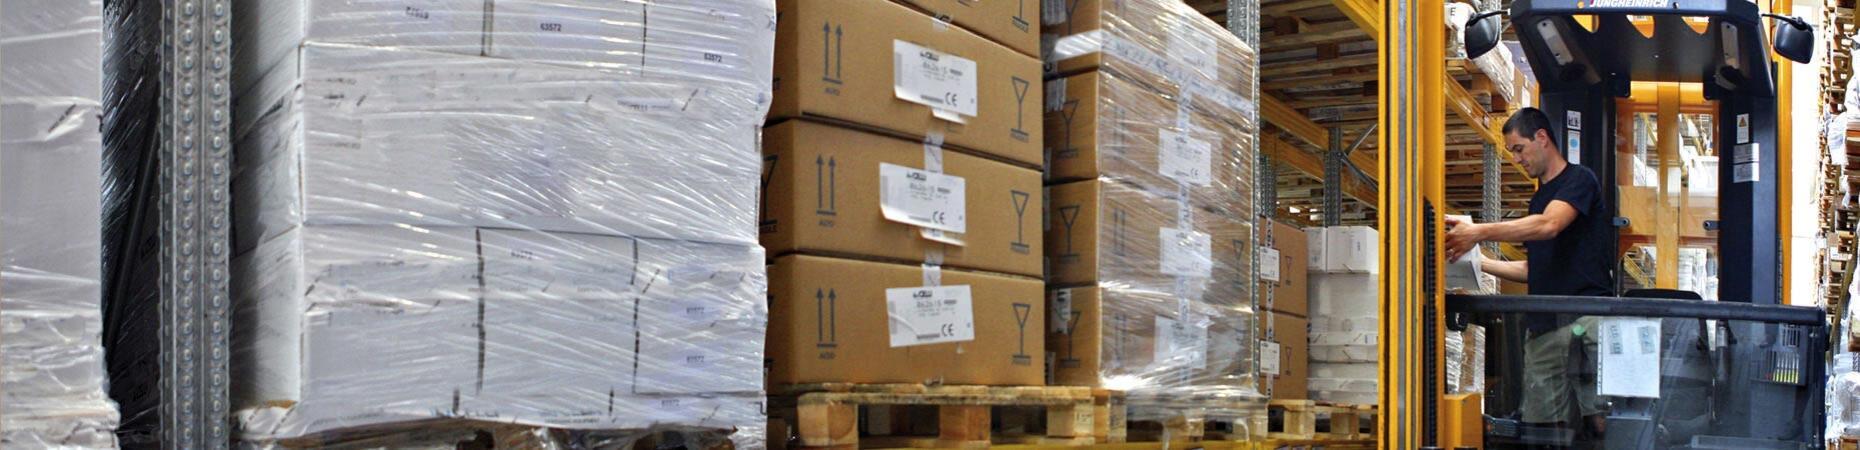 ecoservice-modena it servizi-logistica-magazzino-modena 005